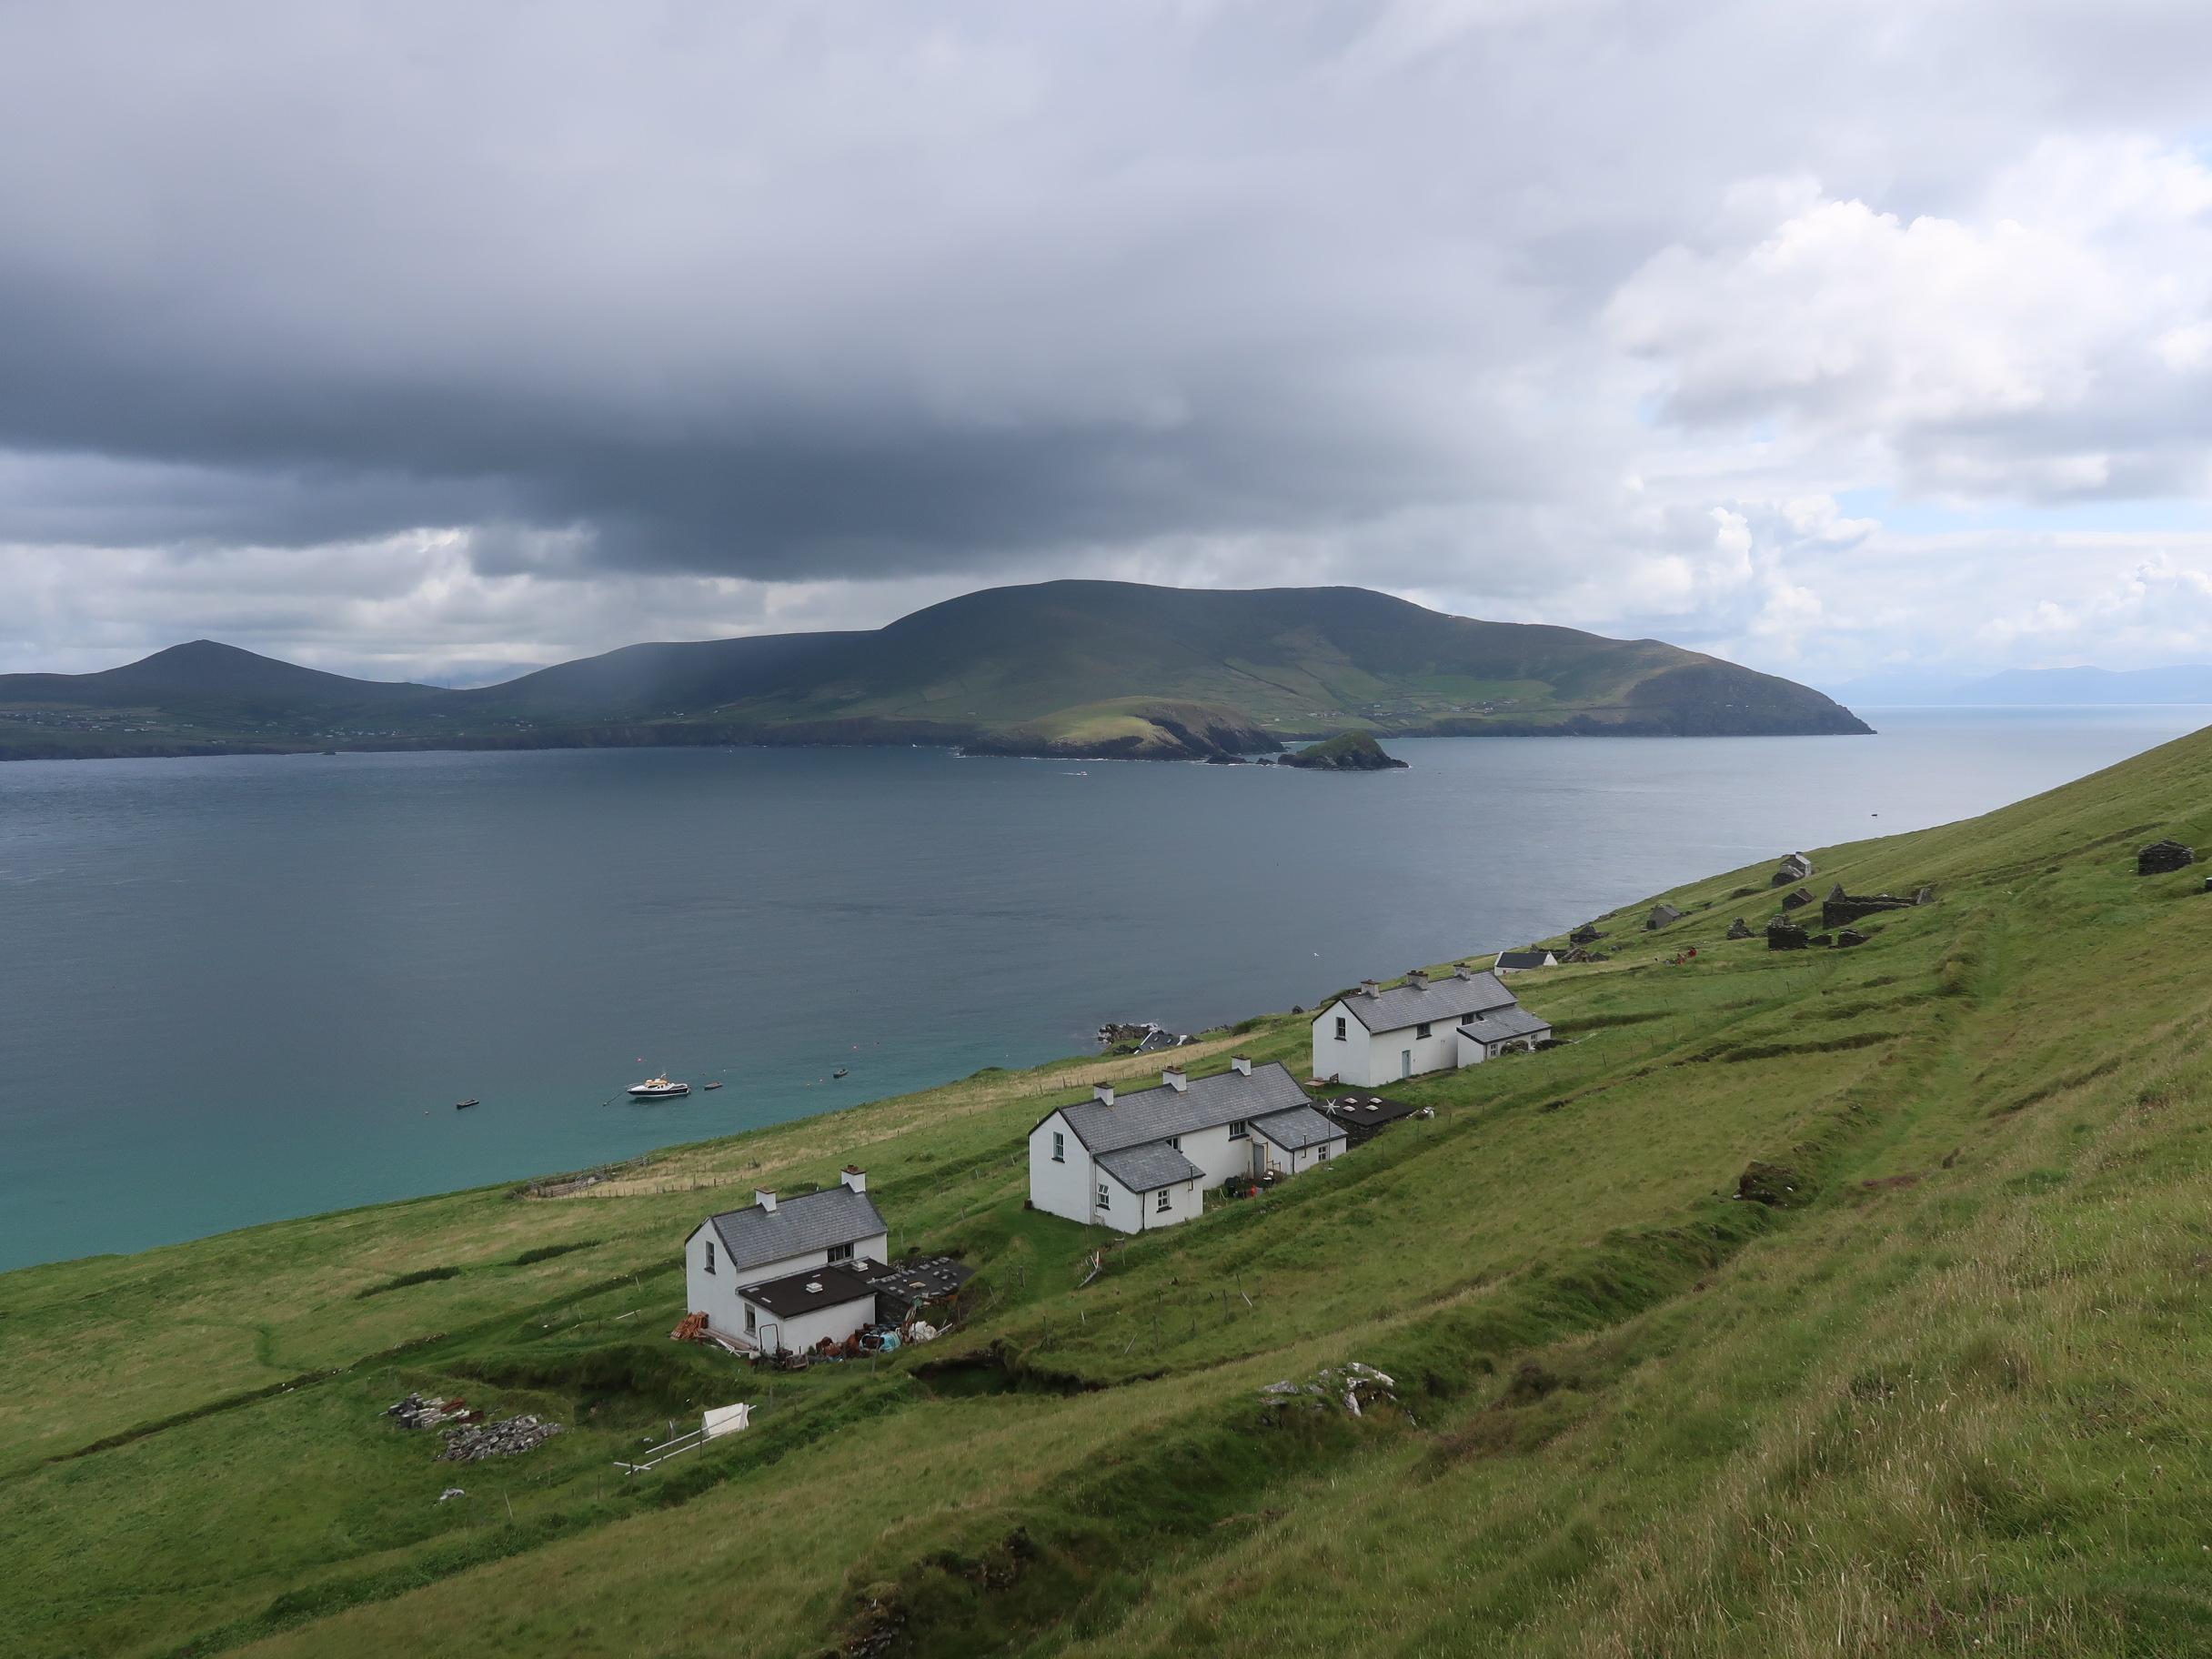 Blasket Island's lower town